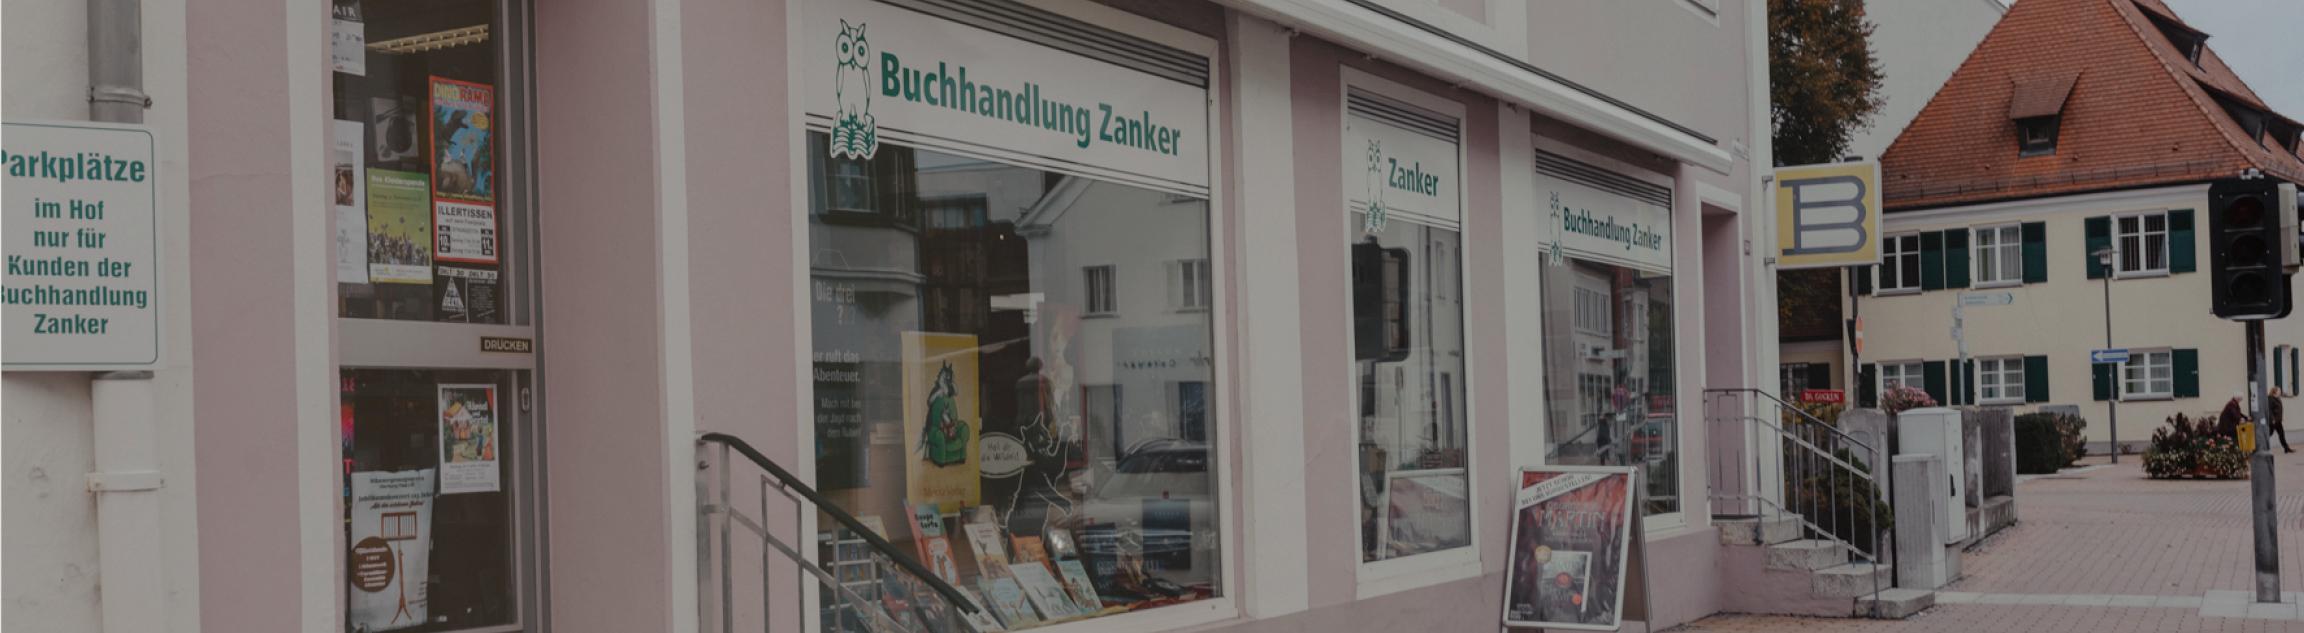 buchhandlung-illertissen-ueber-uns-header